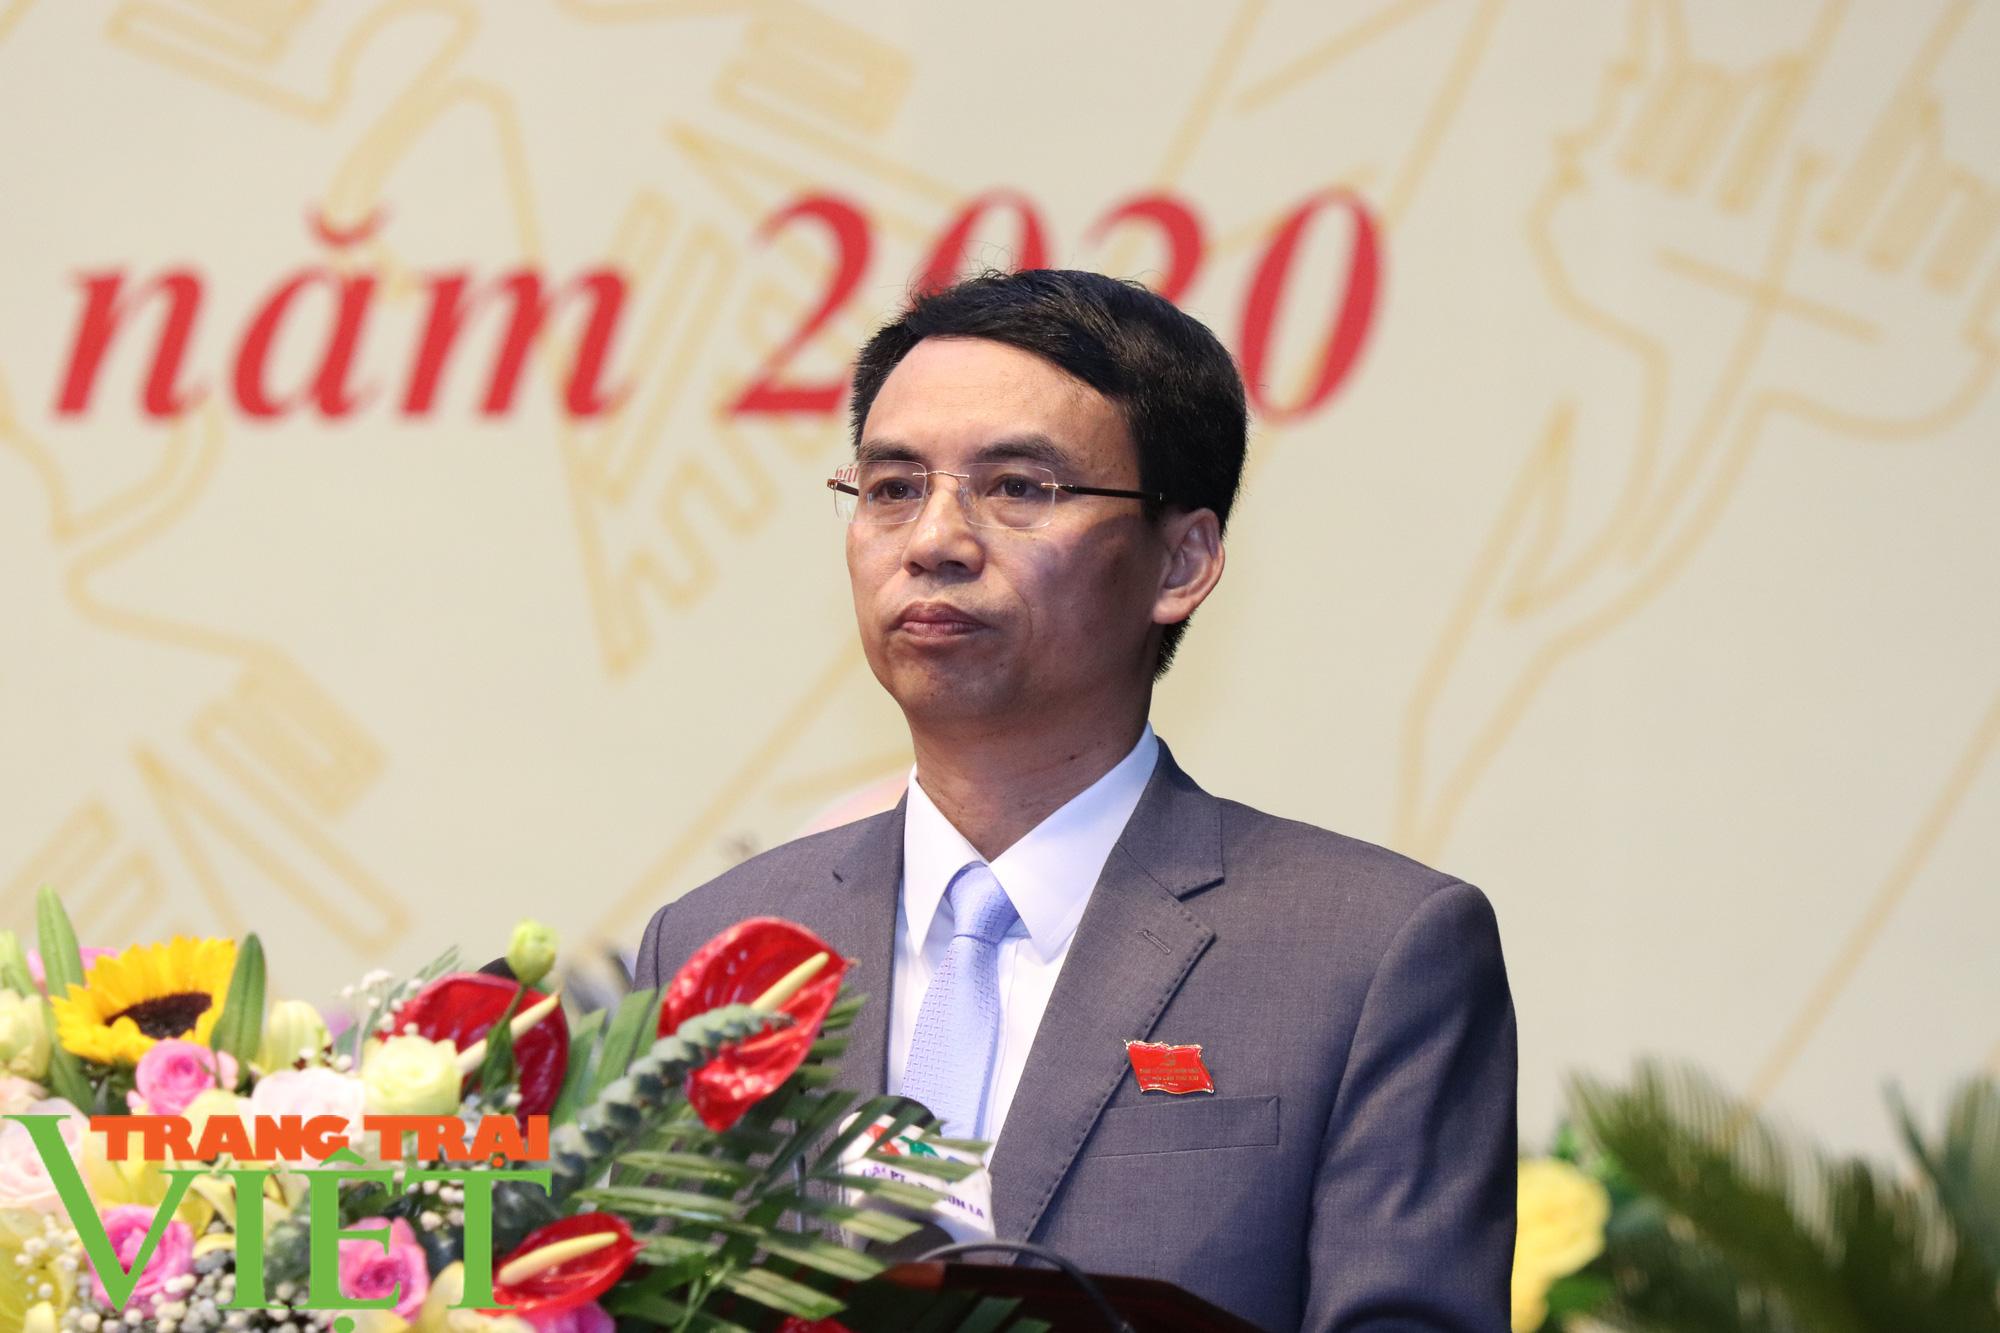 Ông Nguyễn Minh Tiến tái đắc cử Bí thư Huyện uỷ Thuận Châu - Ảnh 2.